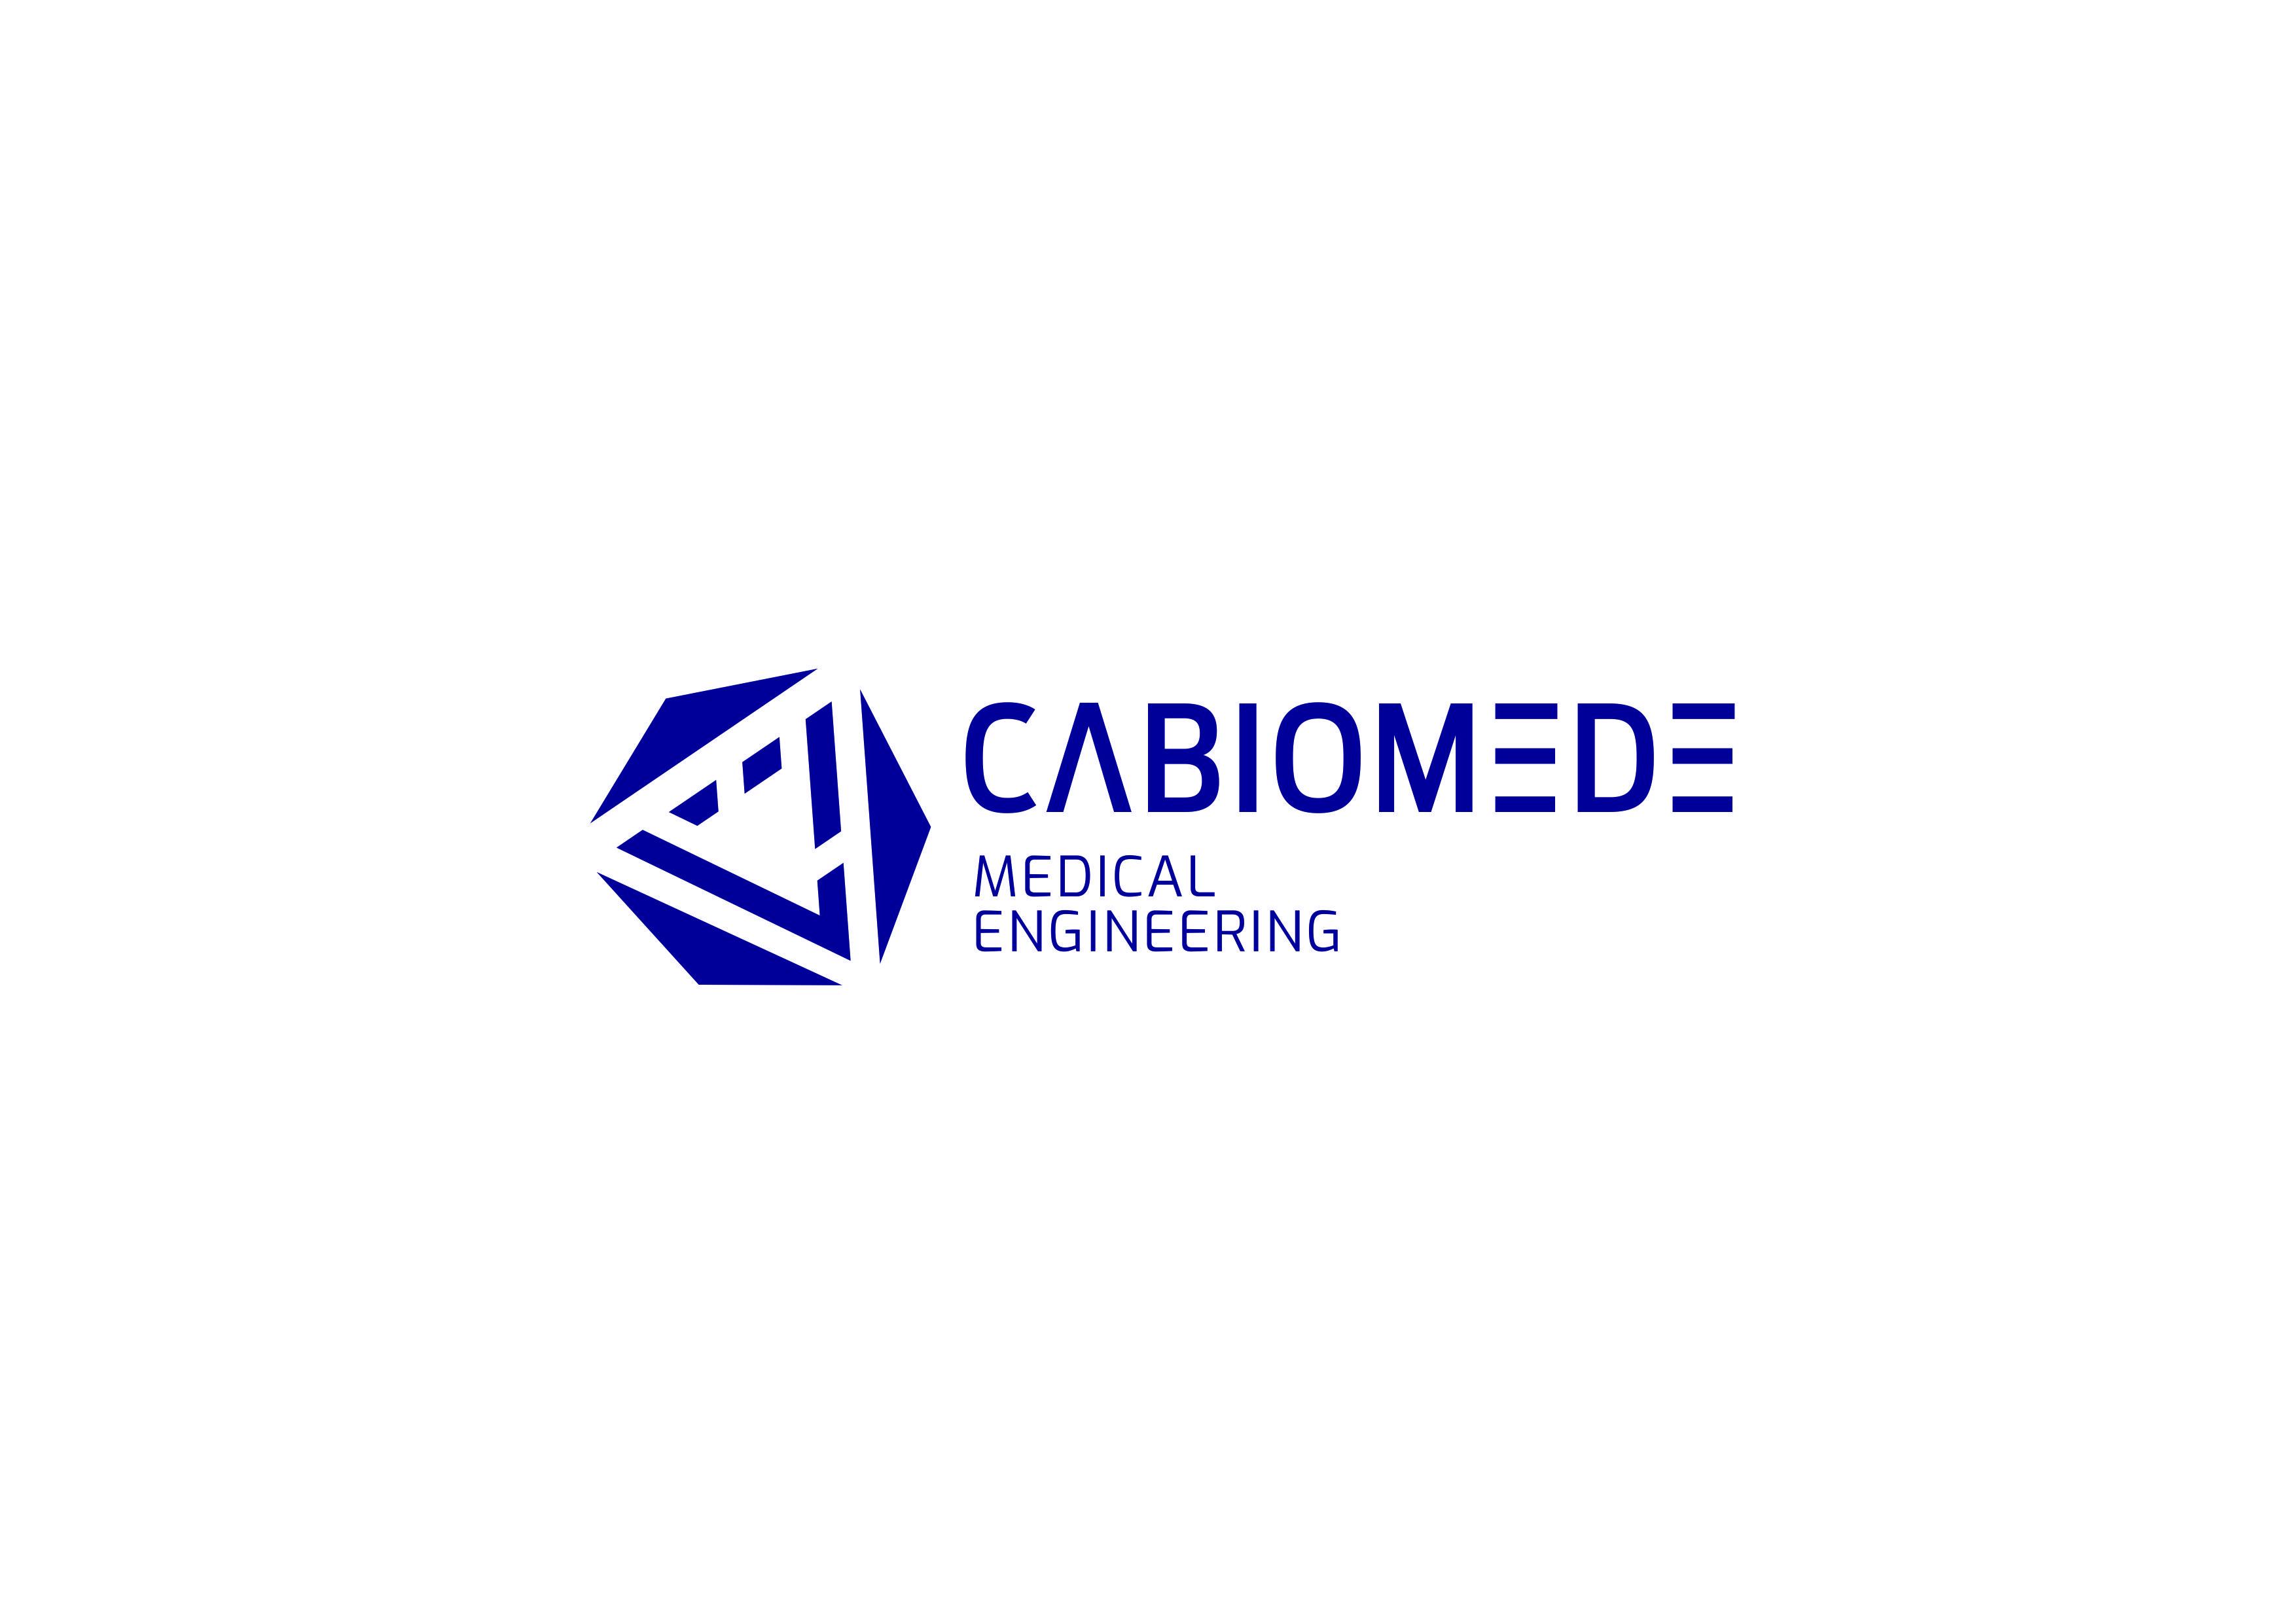 CABIOMEDE logo